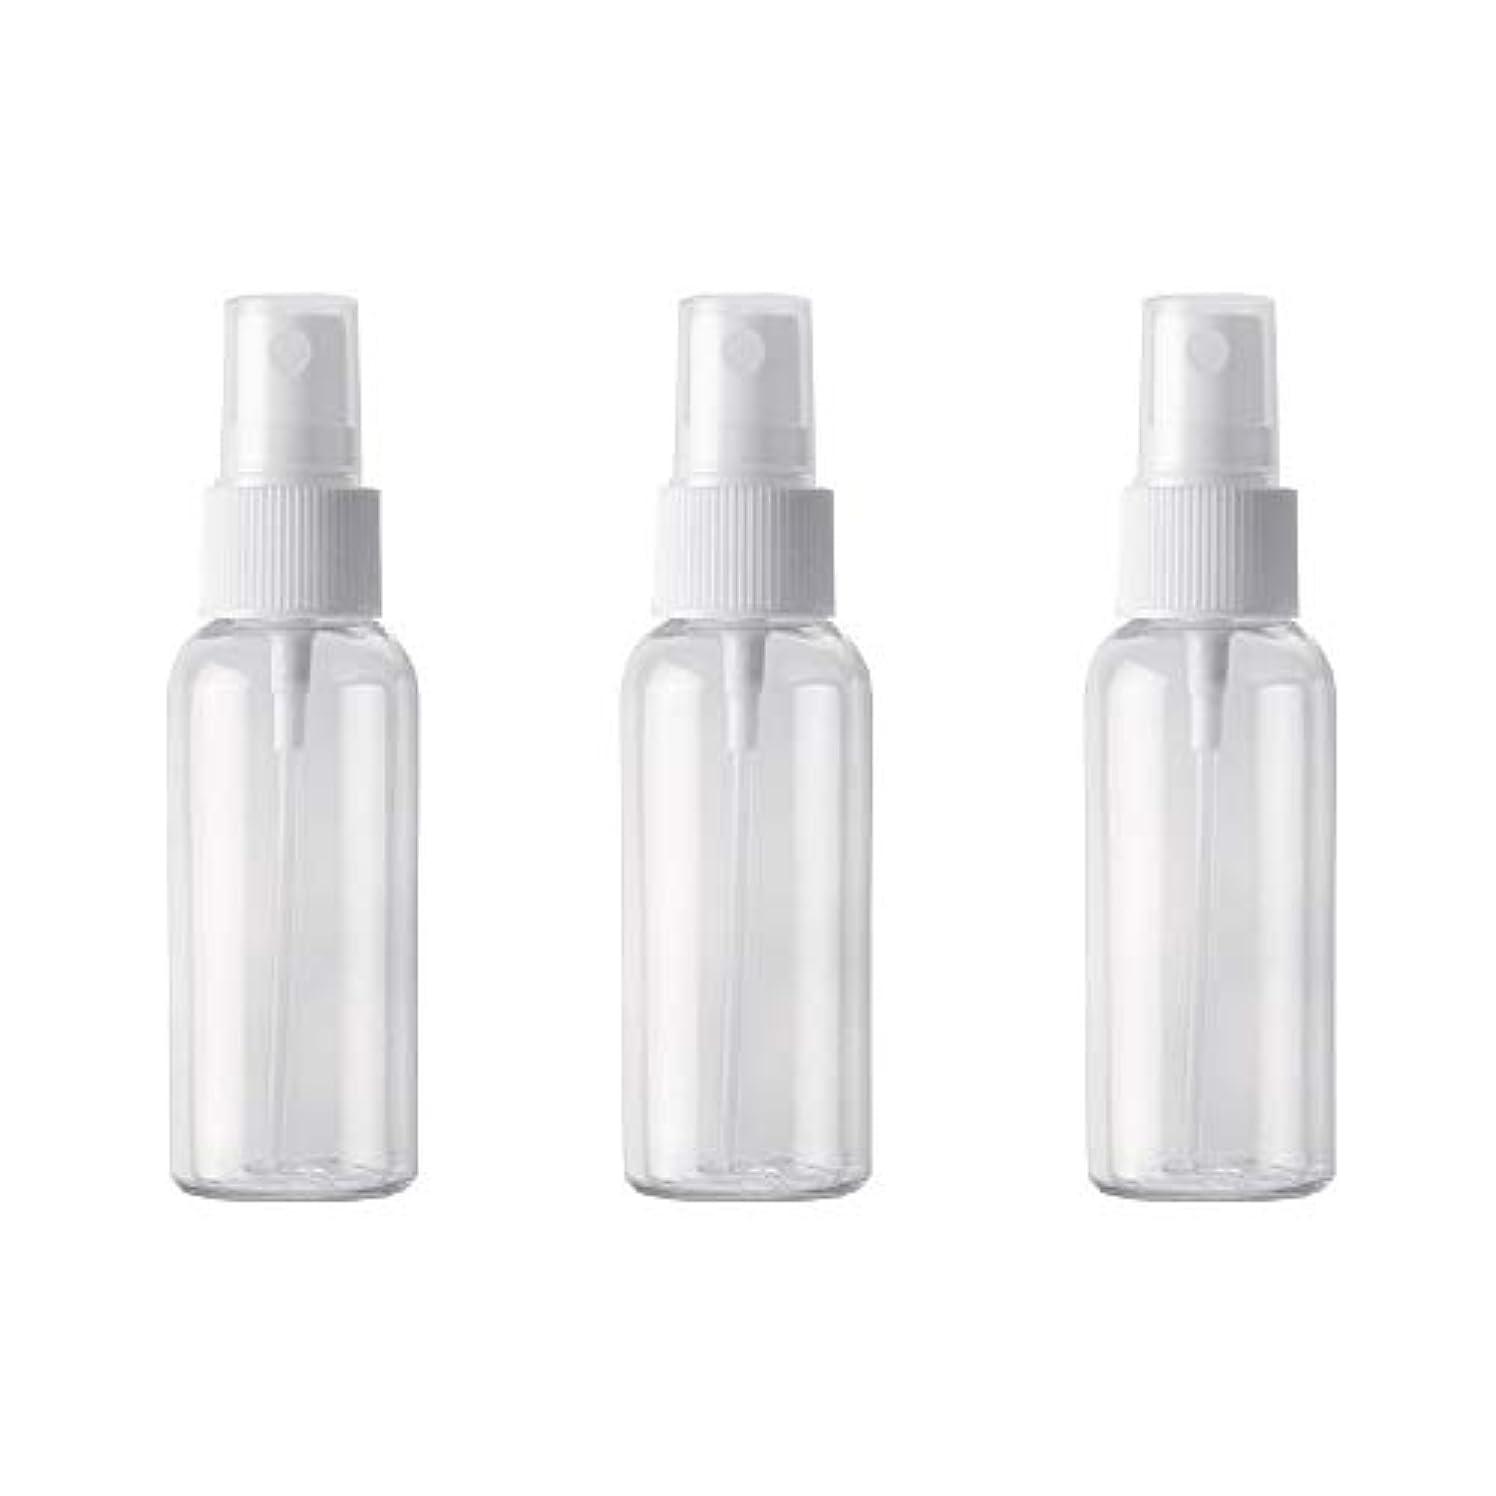 高齢者ピカリングカプラーFlymylion 小分けボトル スプレーボトル 50ml おしゃれ 空ボトル 3本セット 環境保護の材料 PET素材 化粧水 詰替用ボトル 旅行用品